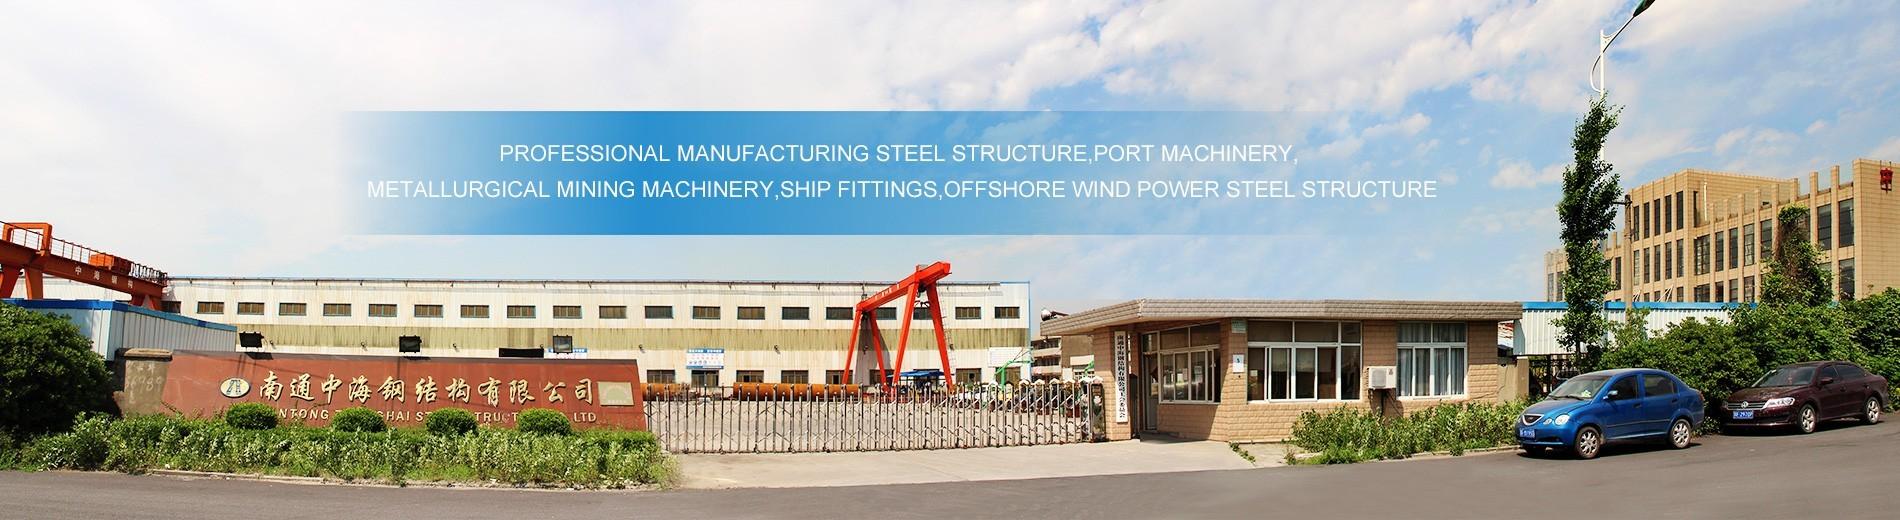 Metallurgy Machinery and Mining Machinery